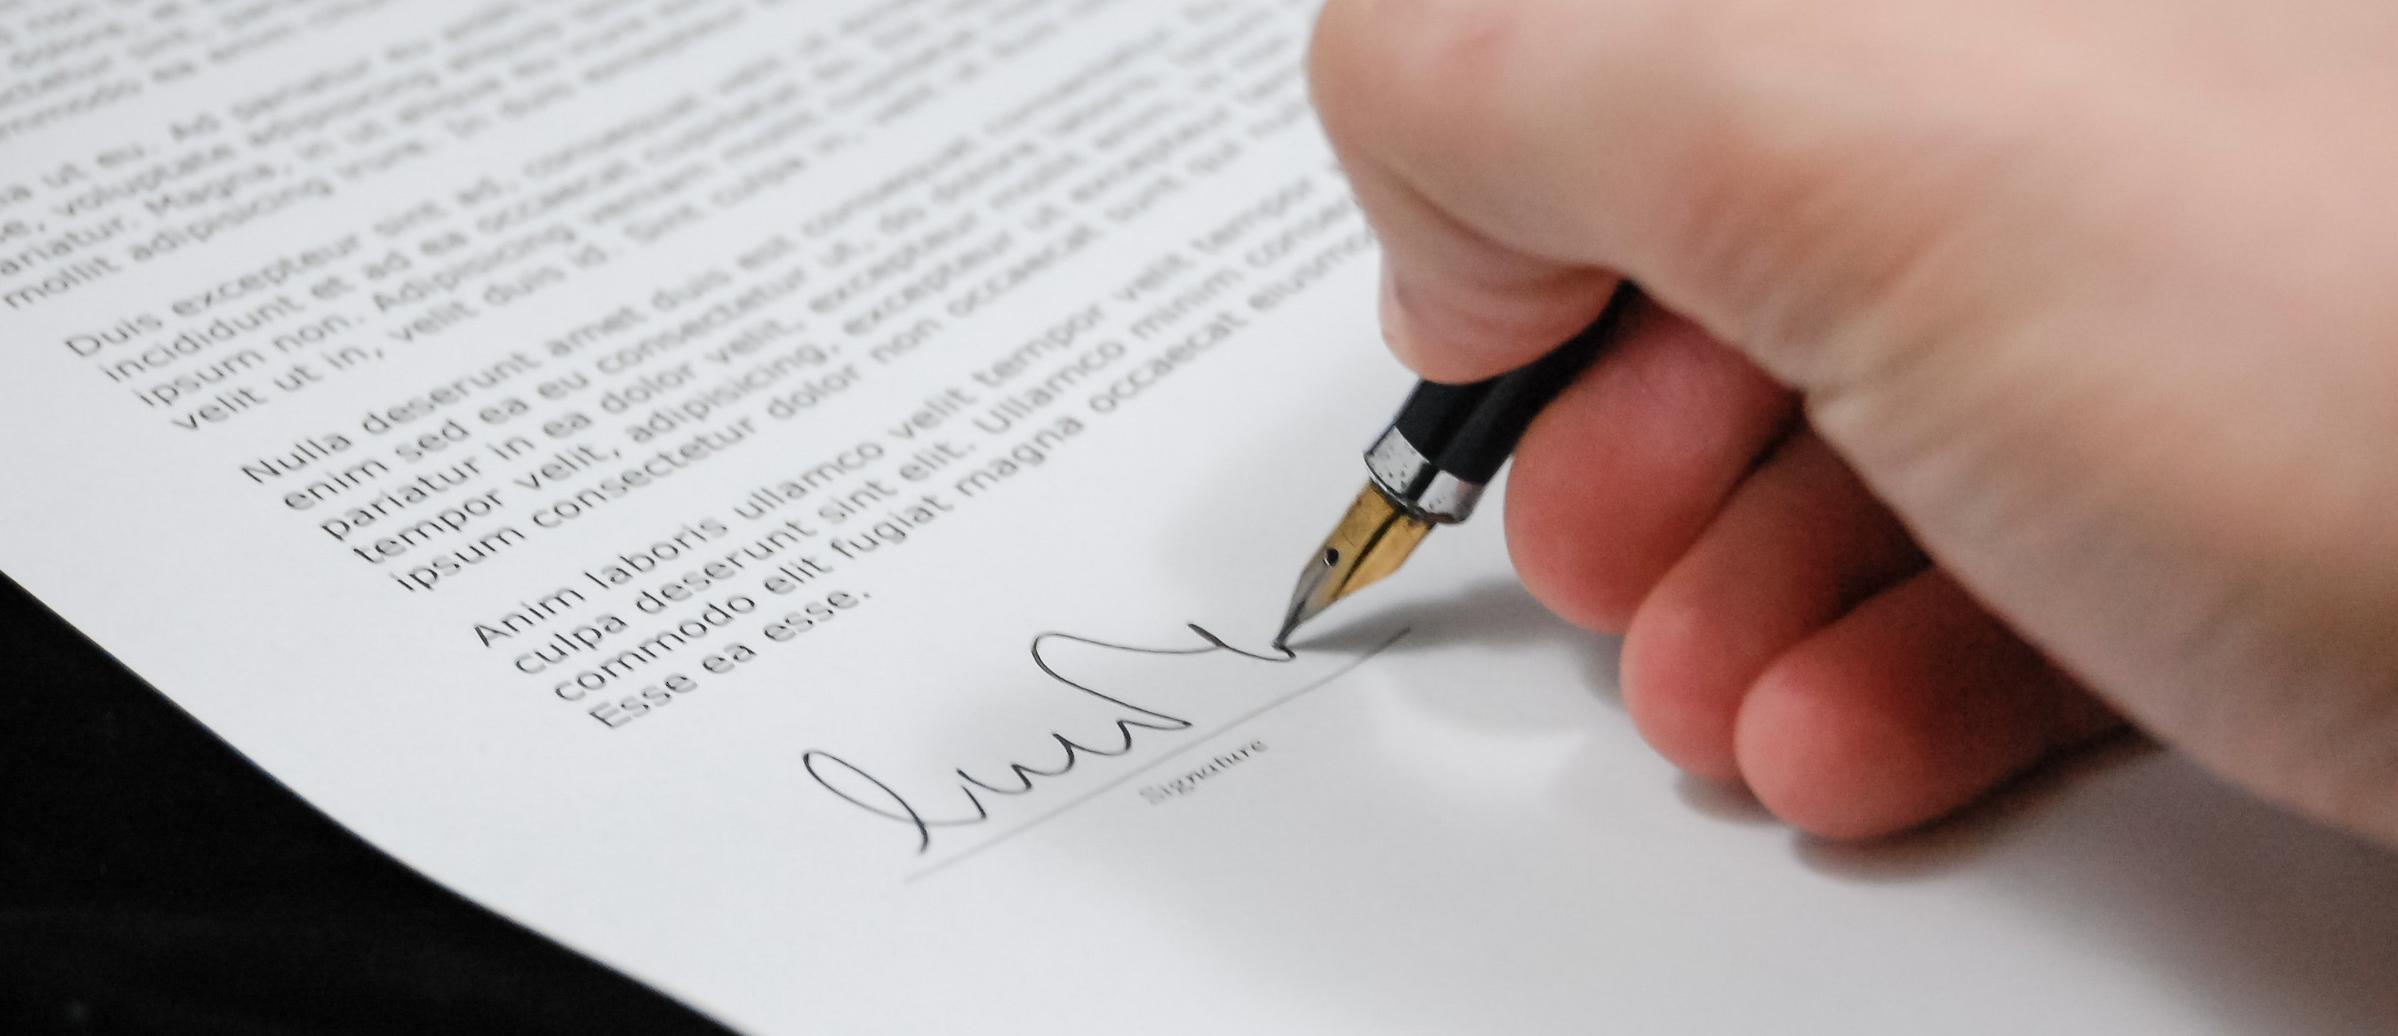 signature avec un style plume sur un document